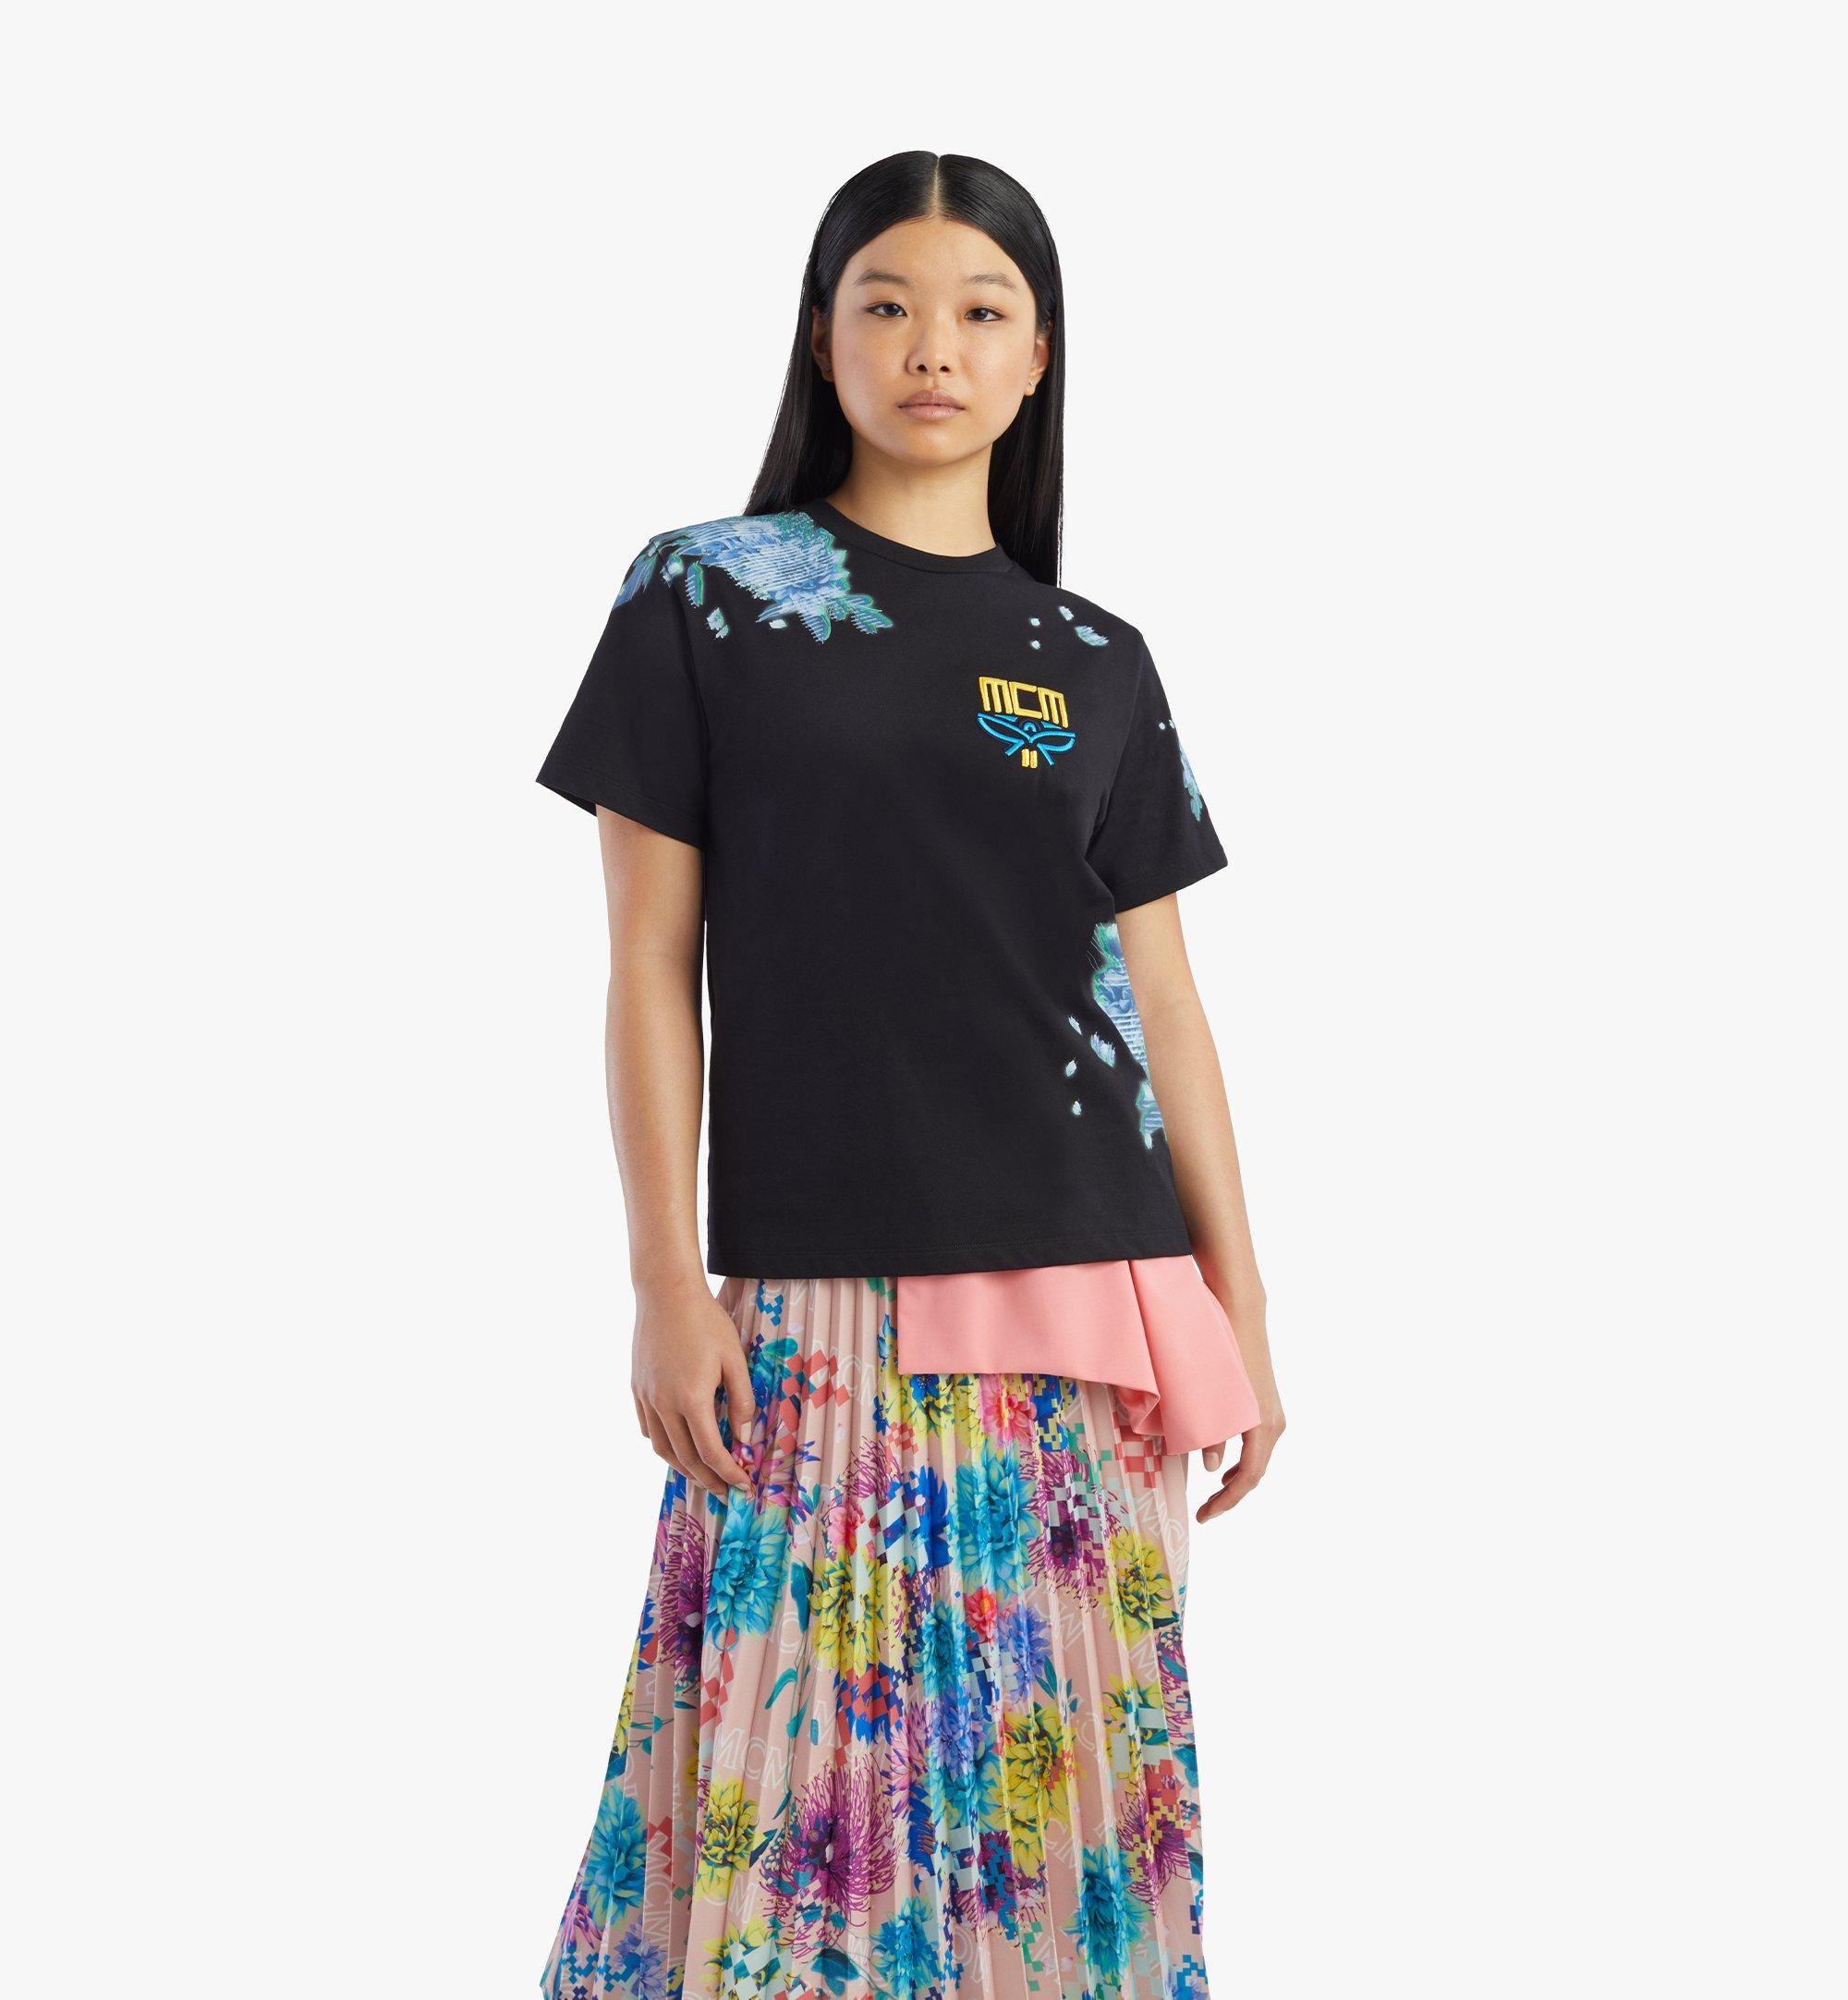 MCM เสื้อยืดพิมพ์ลาย Tech Flower สำหรับผู้หญิง Black MFTBSMM09BK00L มุมมองอื่น 2